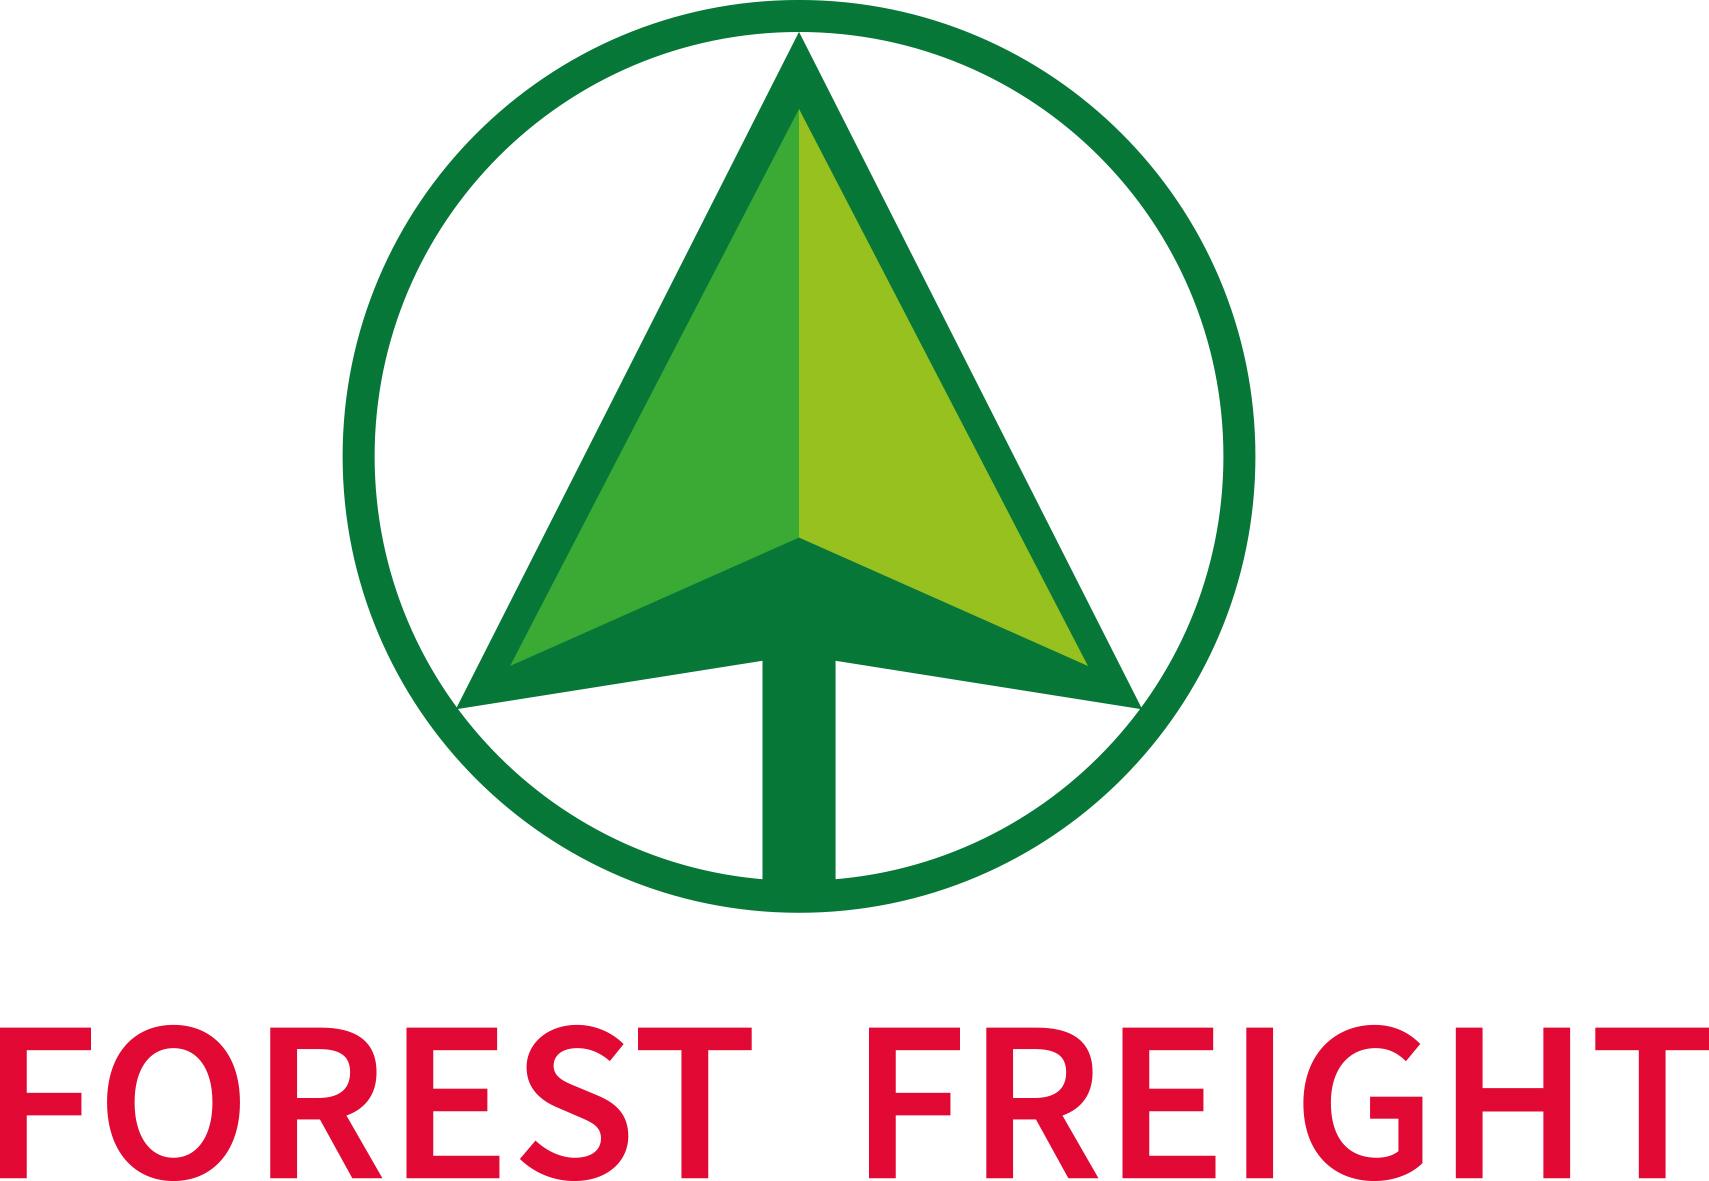 Logo der Forest Freight Ltd